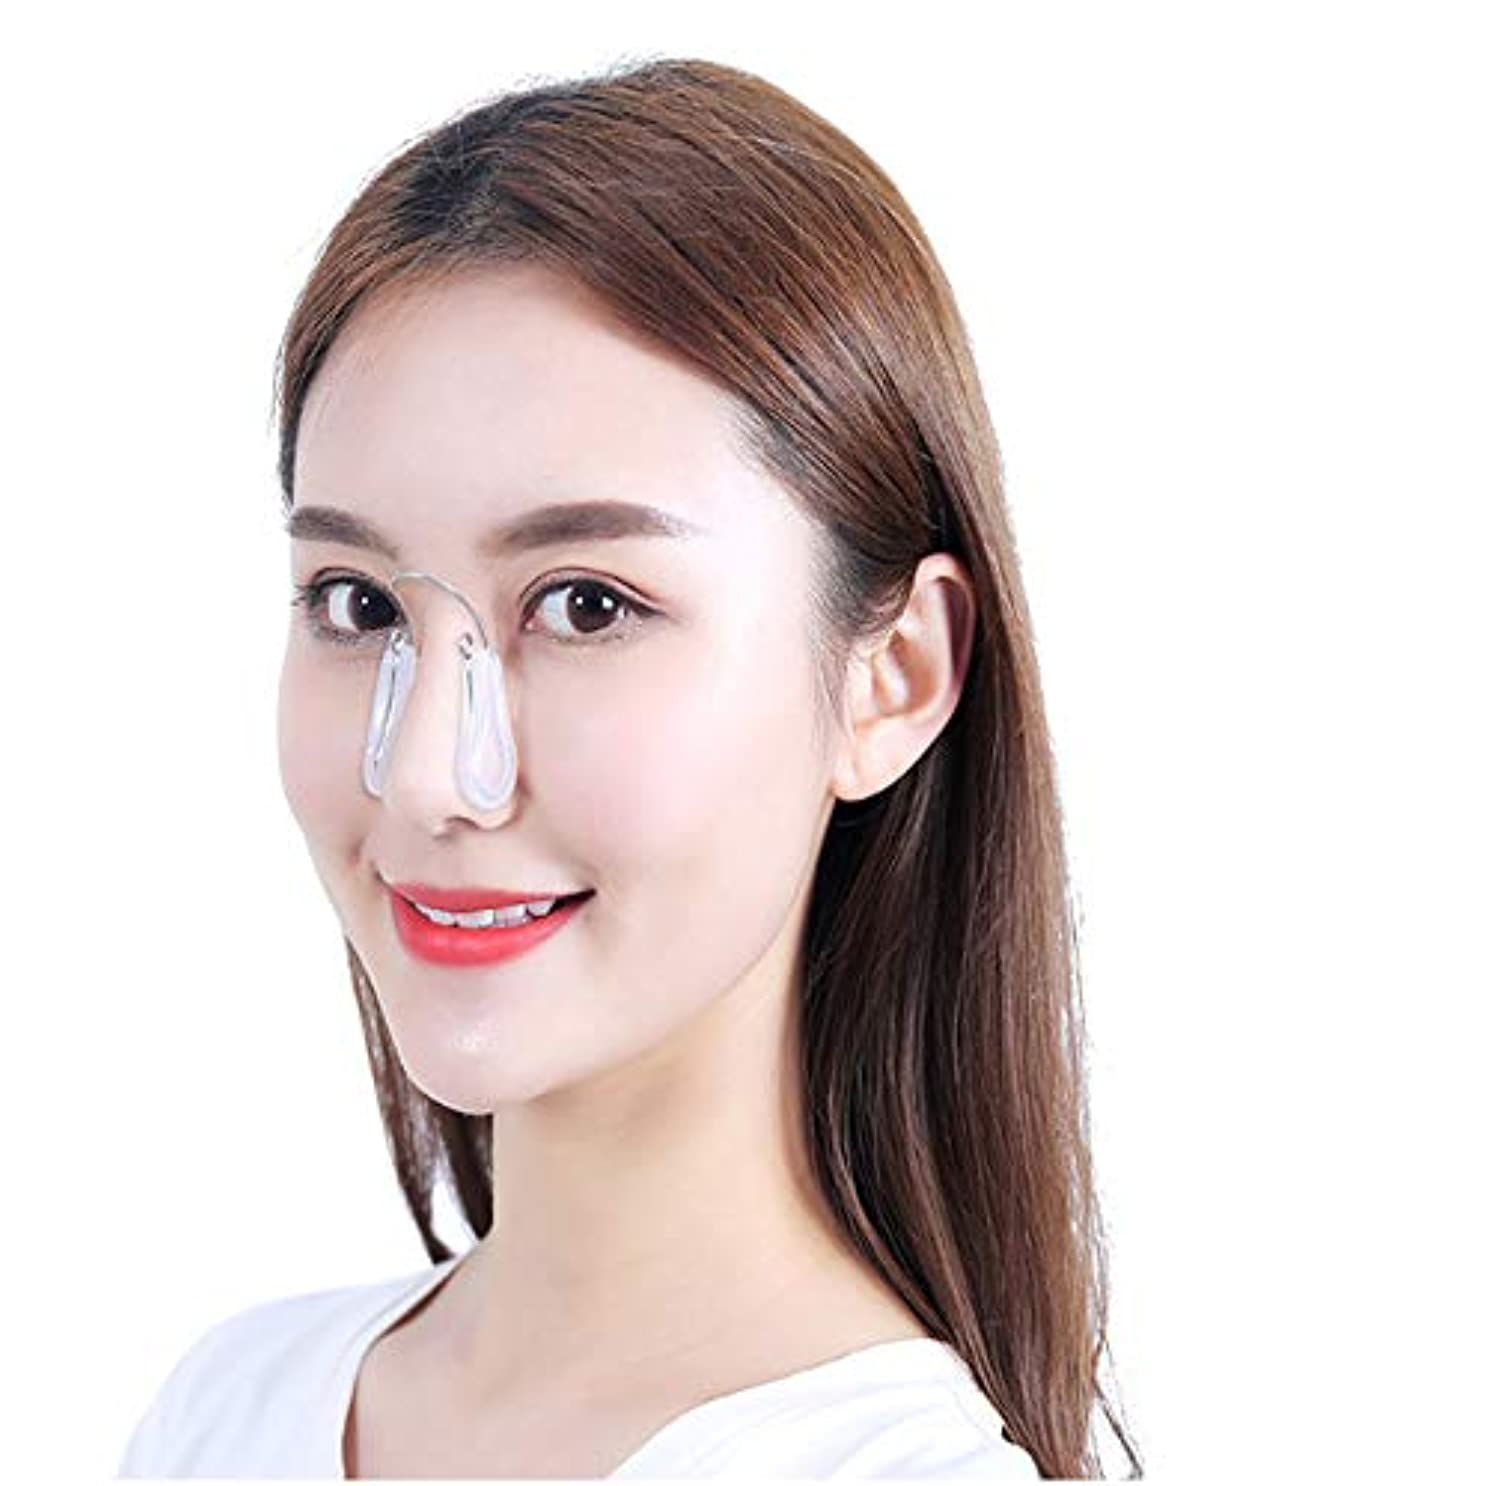 アイスクリーム提案するピケGOIOD 美鼻ケア 鼻 人工鼻 増強美容 鼻のデバイスシリコンクリップ 鼻筋矯正 簡単美鼻ケア